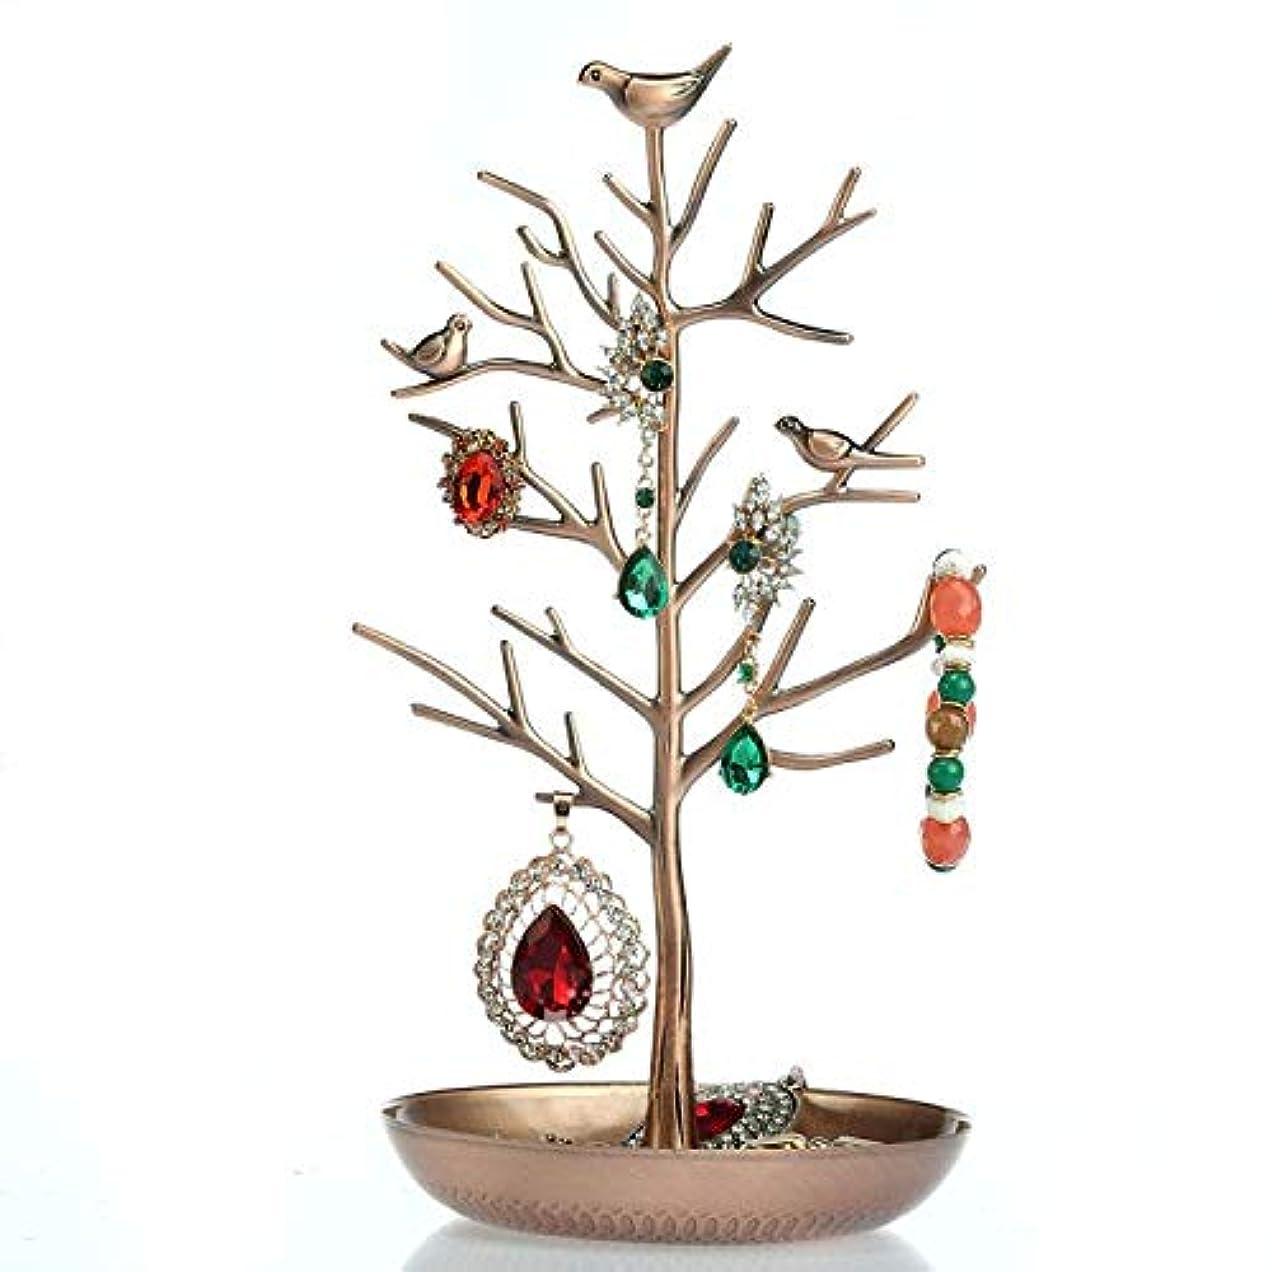 みがきますメール娯楽Kullavik アンティーク風 小鳥の木のスタンドジュエリーホルダー ディスプレイスタンド ジュエリーラック オーガナイザー イヤリング ネックレ小物入れ ジュエリースタンド(ブロンズ)